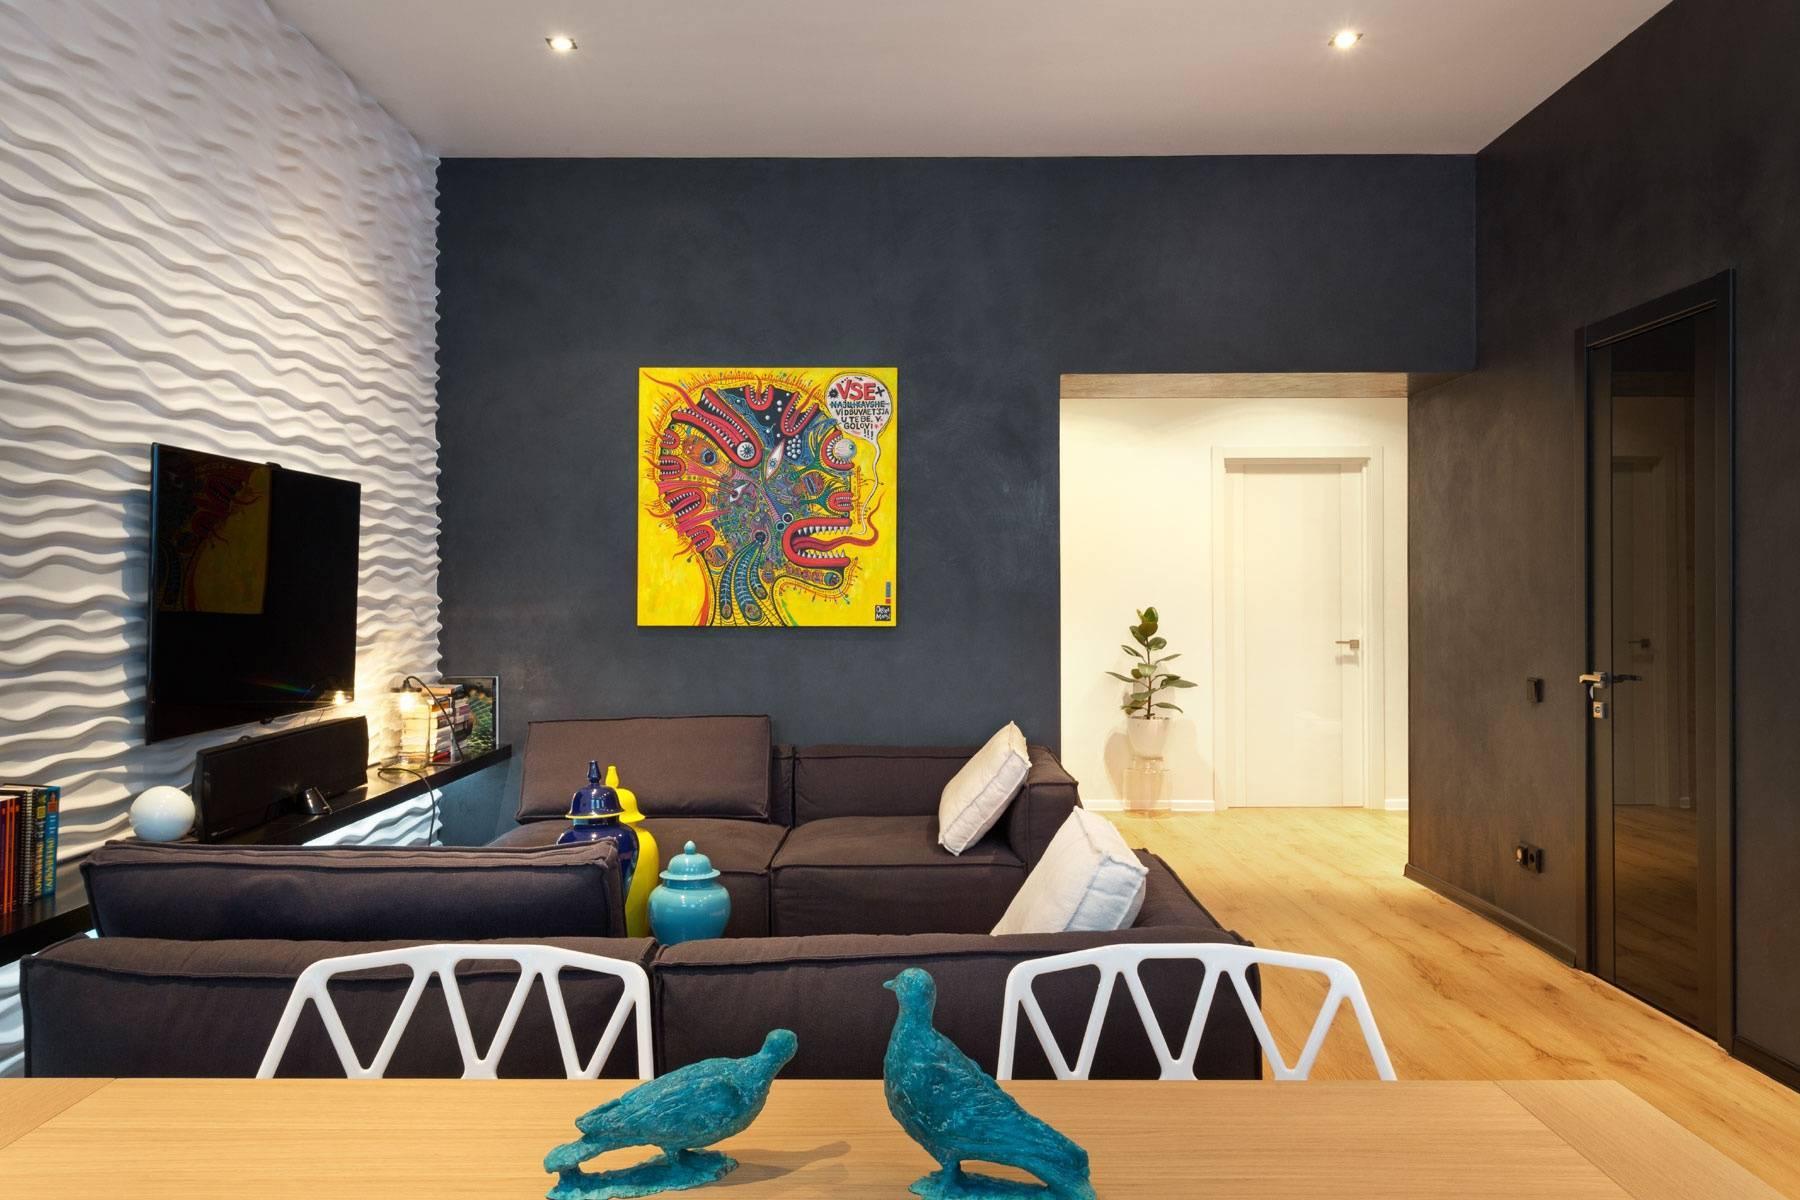 Краска для стен в квартире должна быть безвредной и красивой